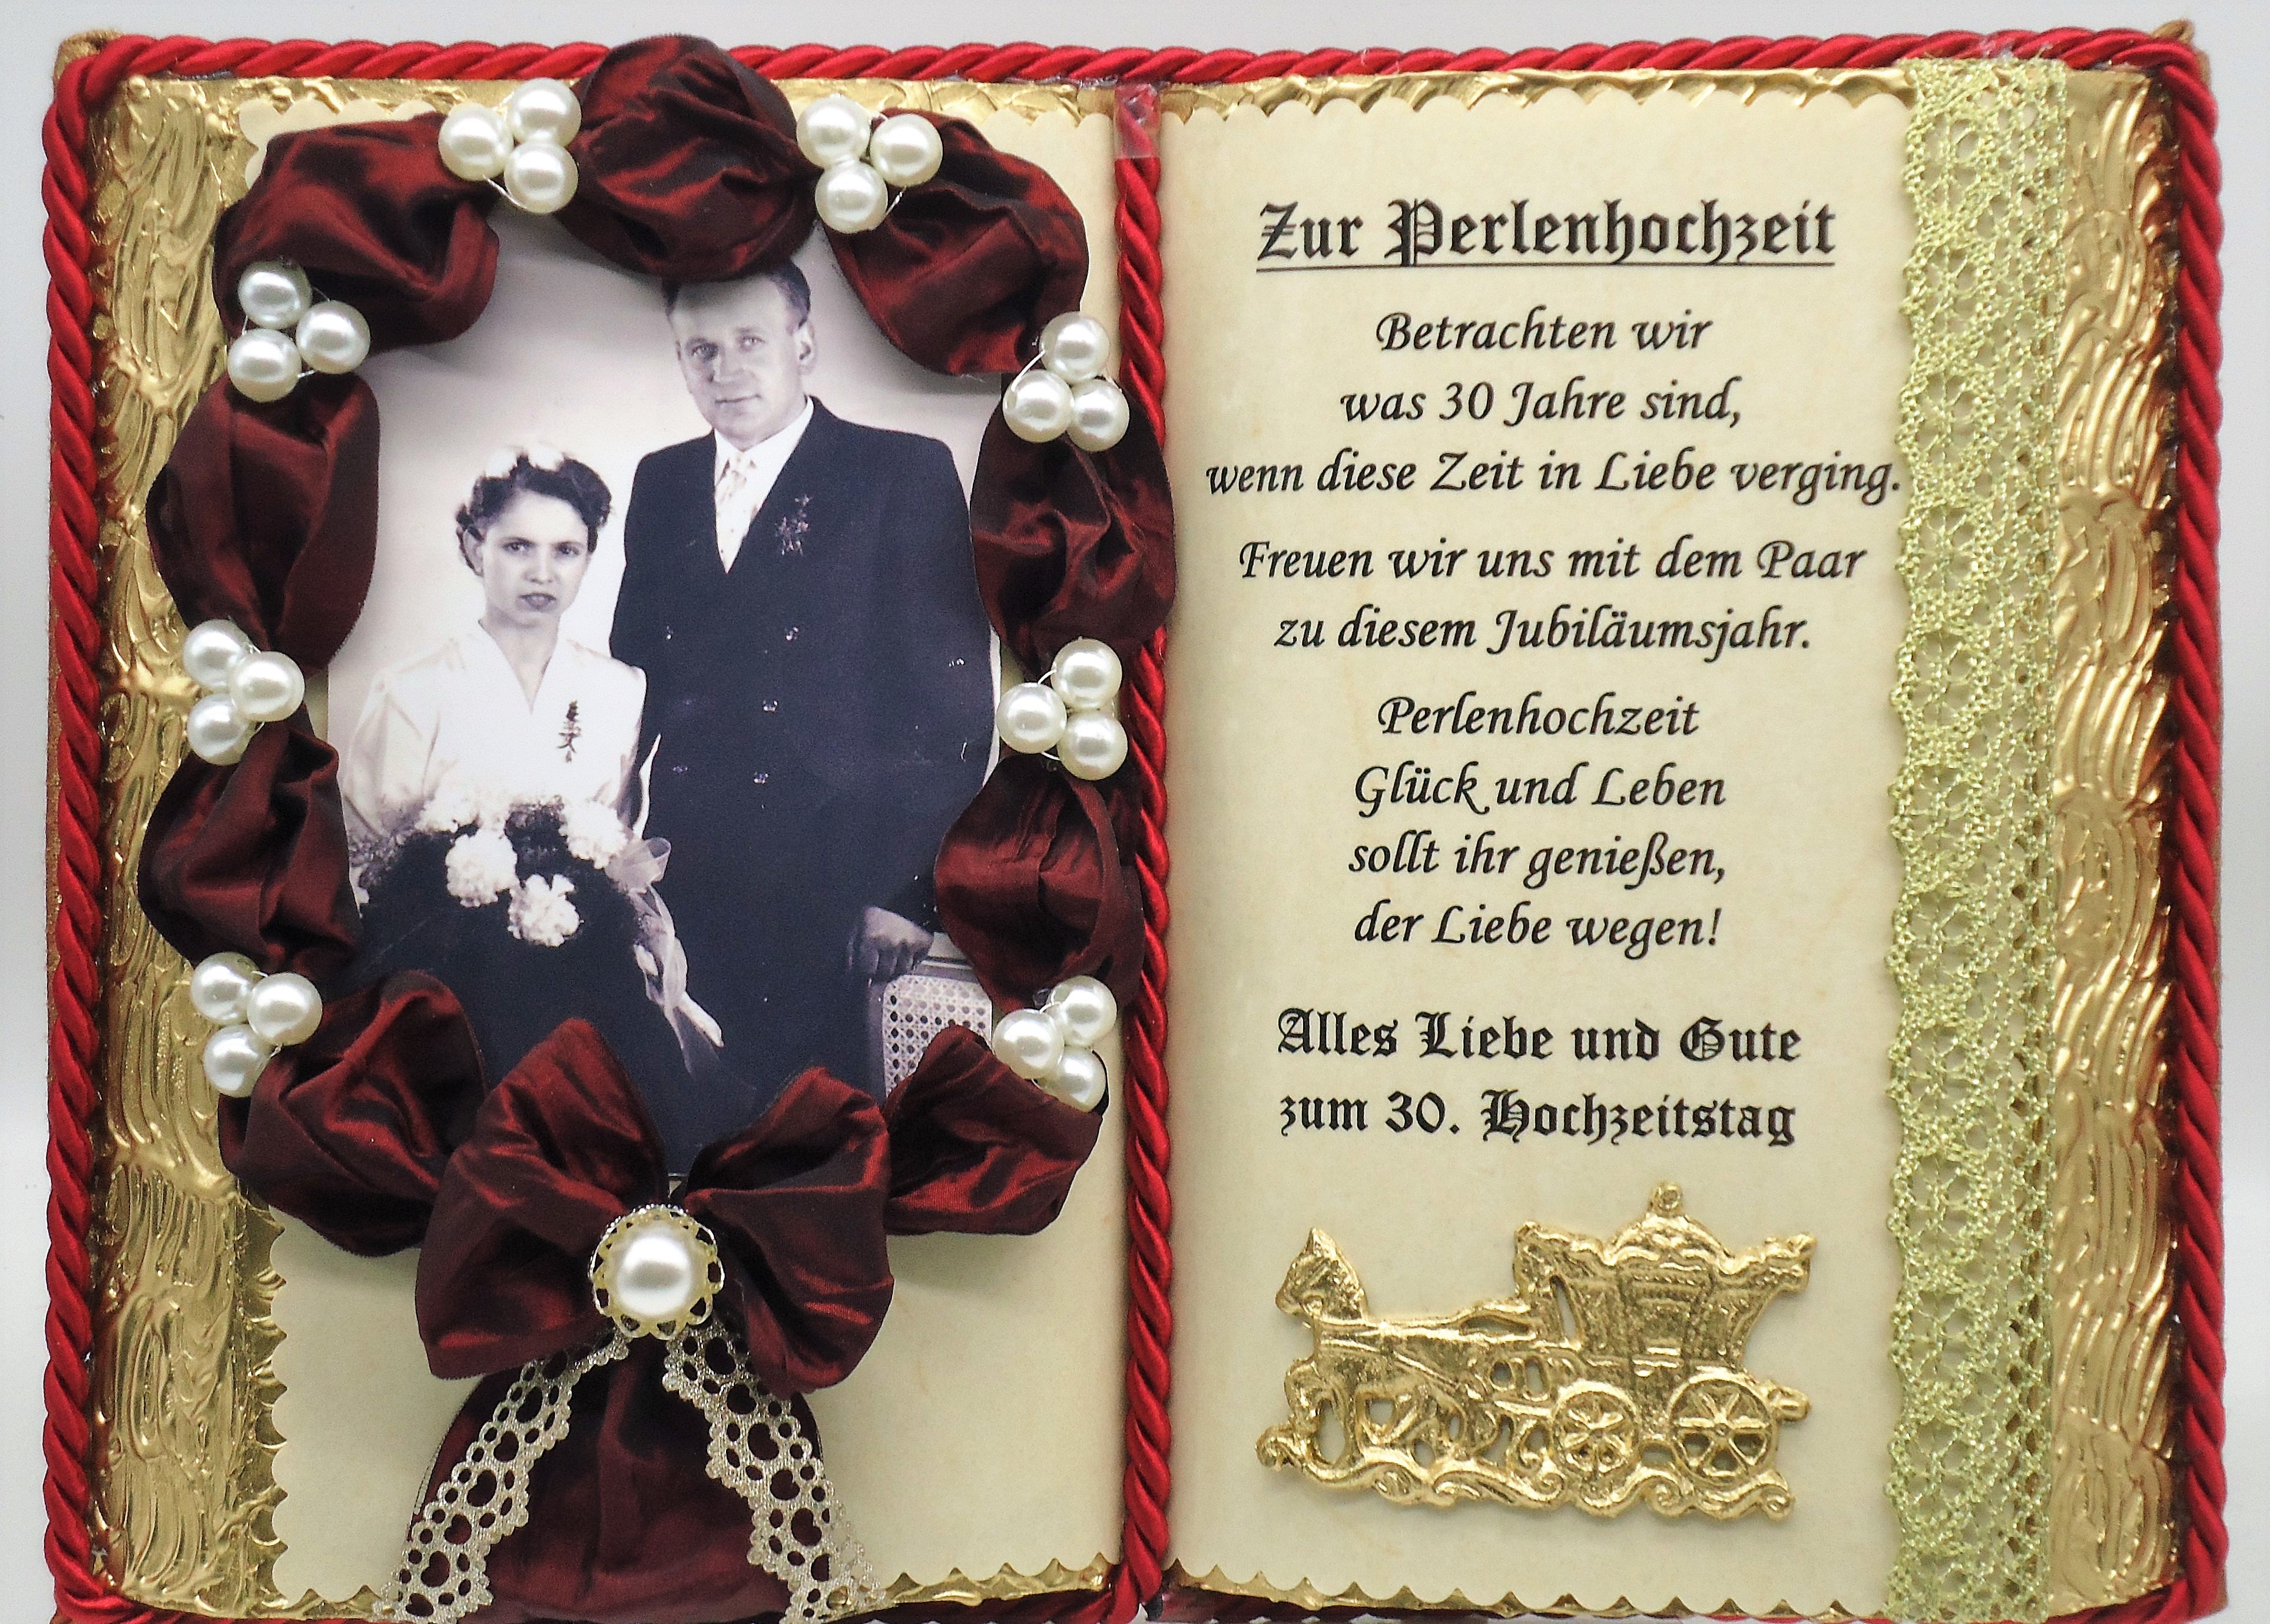 Deko Buch Perlenhochzeit Fur Foto 30 Hochzeitstag Mit Holz